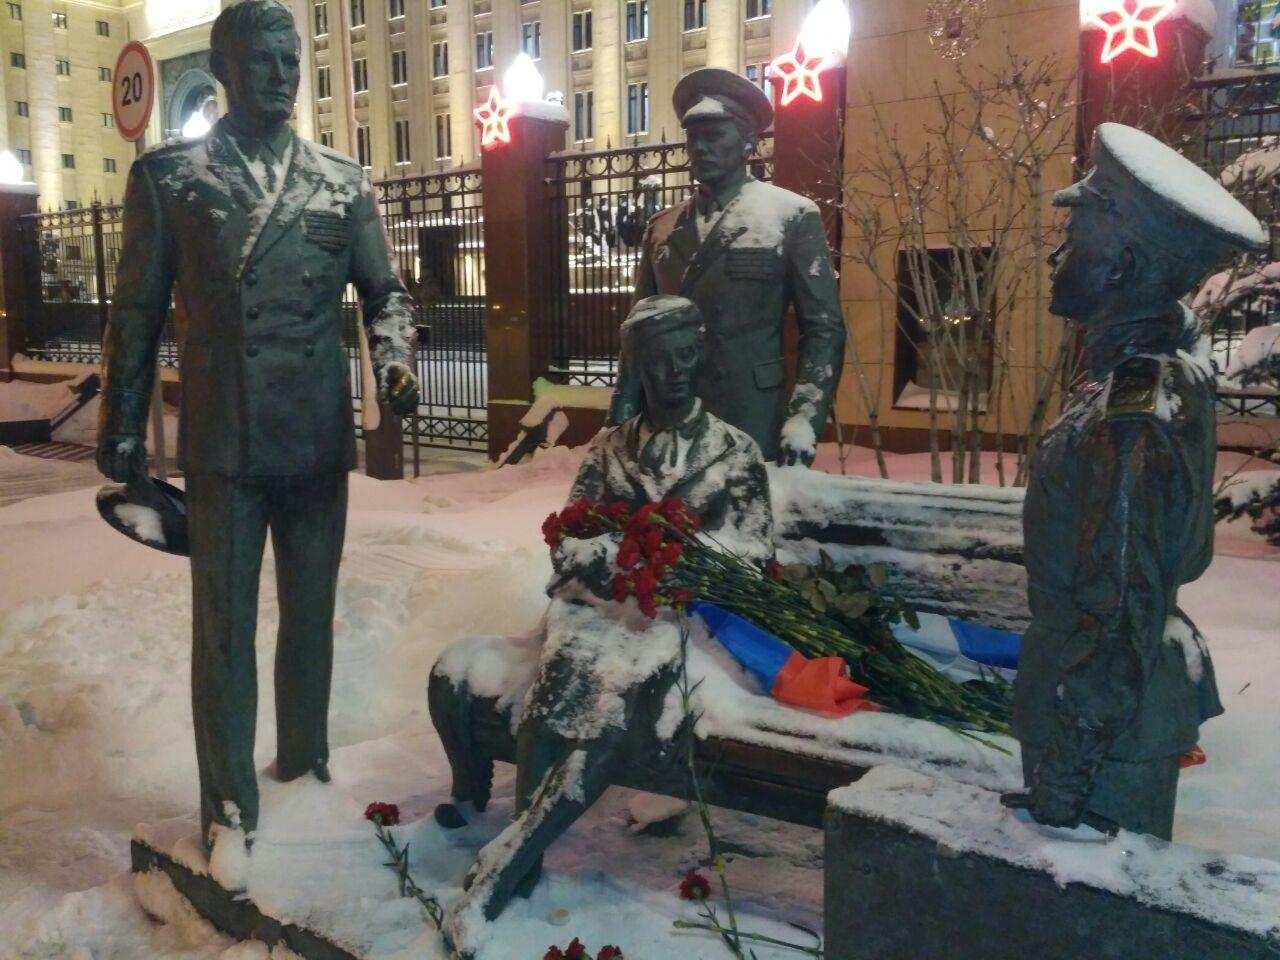 Подвиг Героя в сердце России: москвичи отдают дань памяти майору Филипову (ФОТО, ВИДЕО) | Русская весна